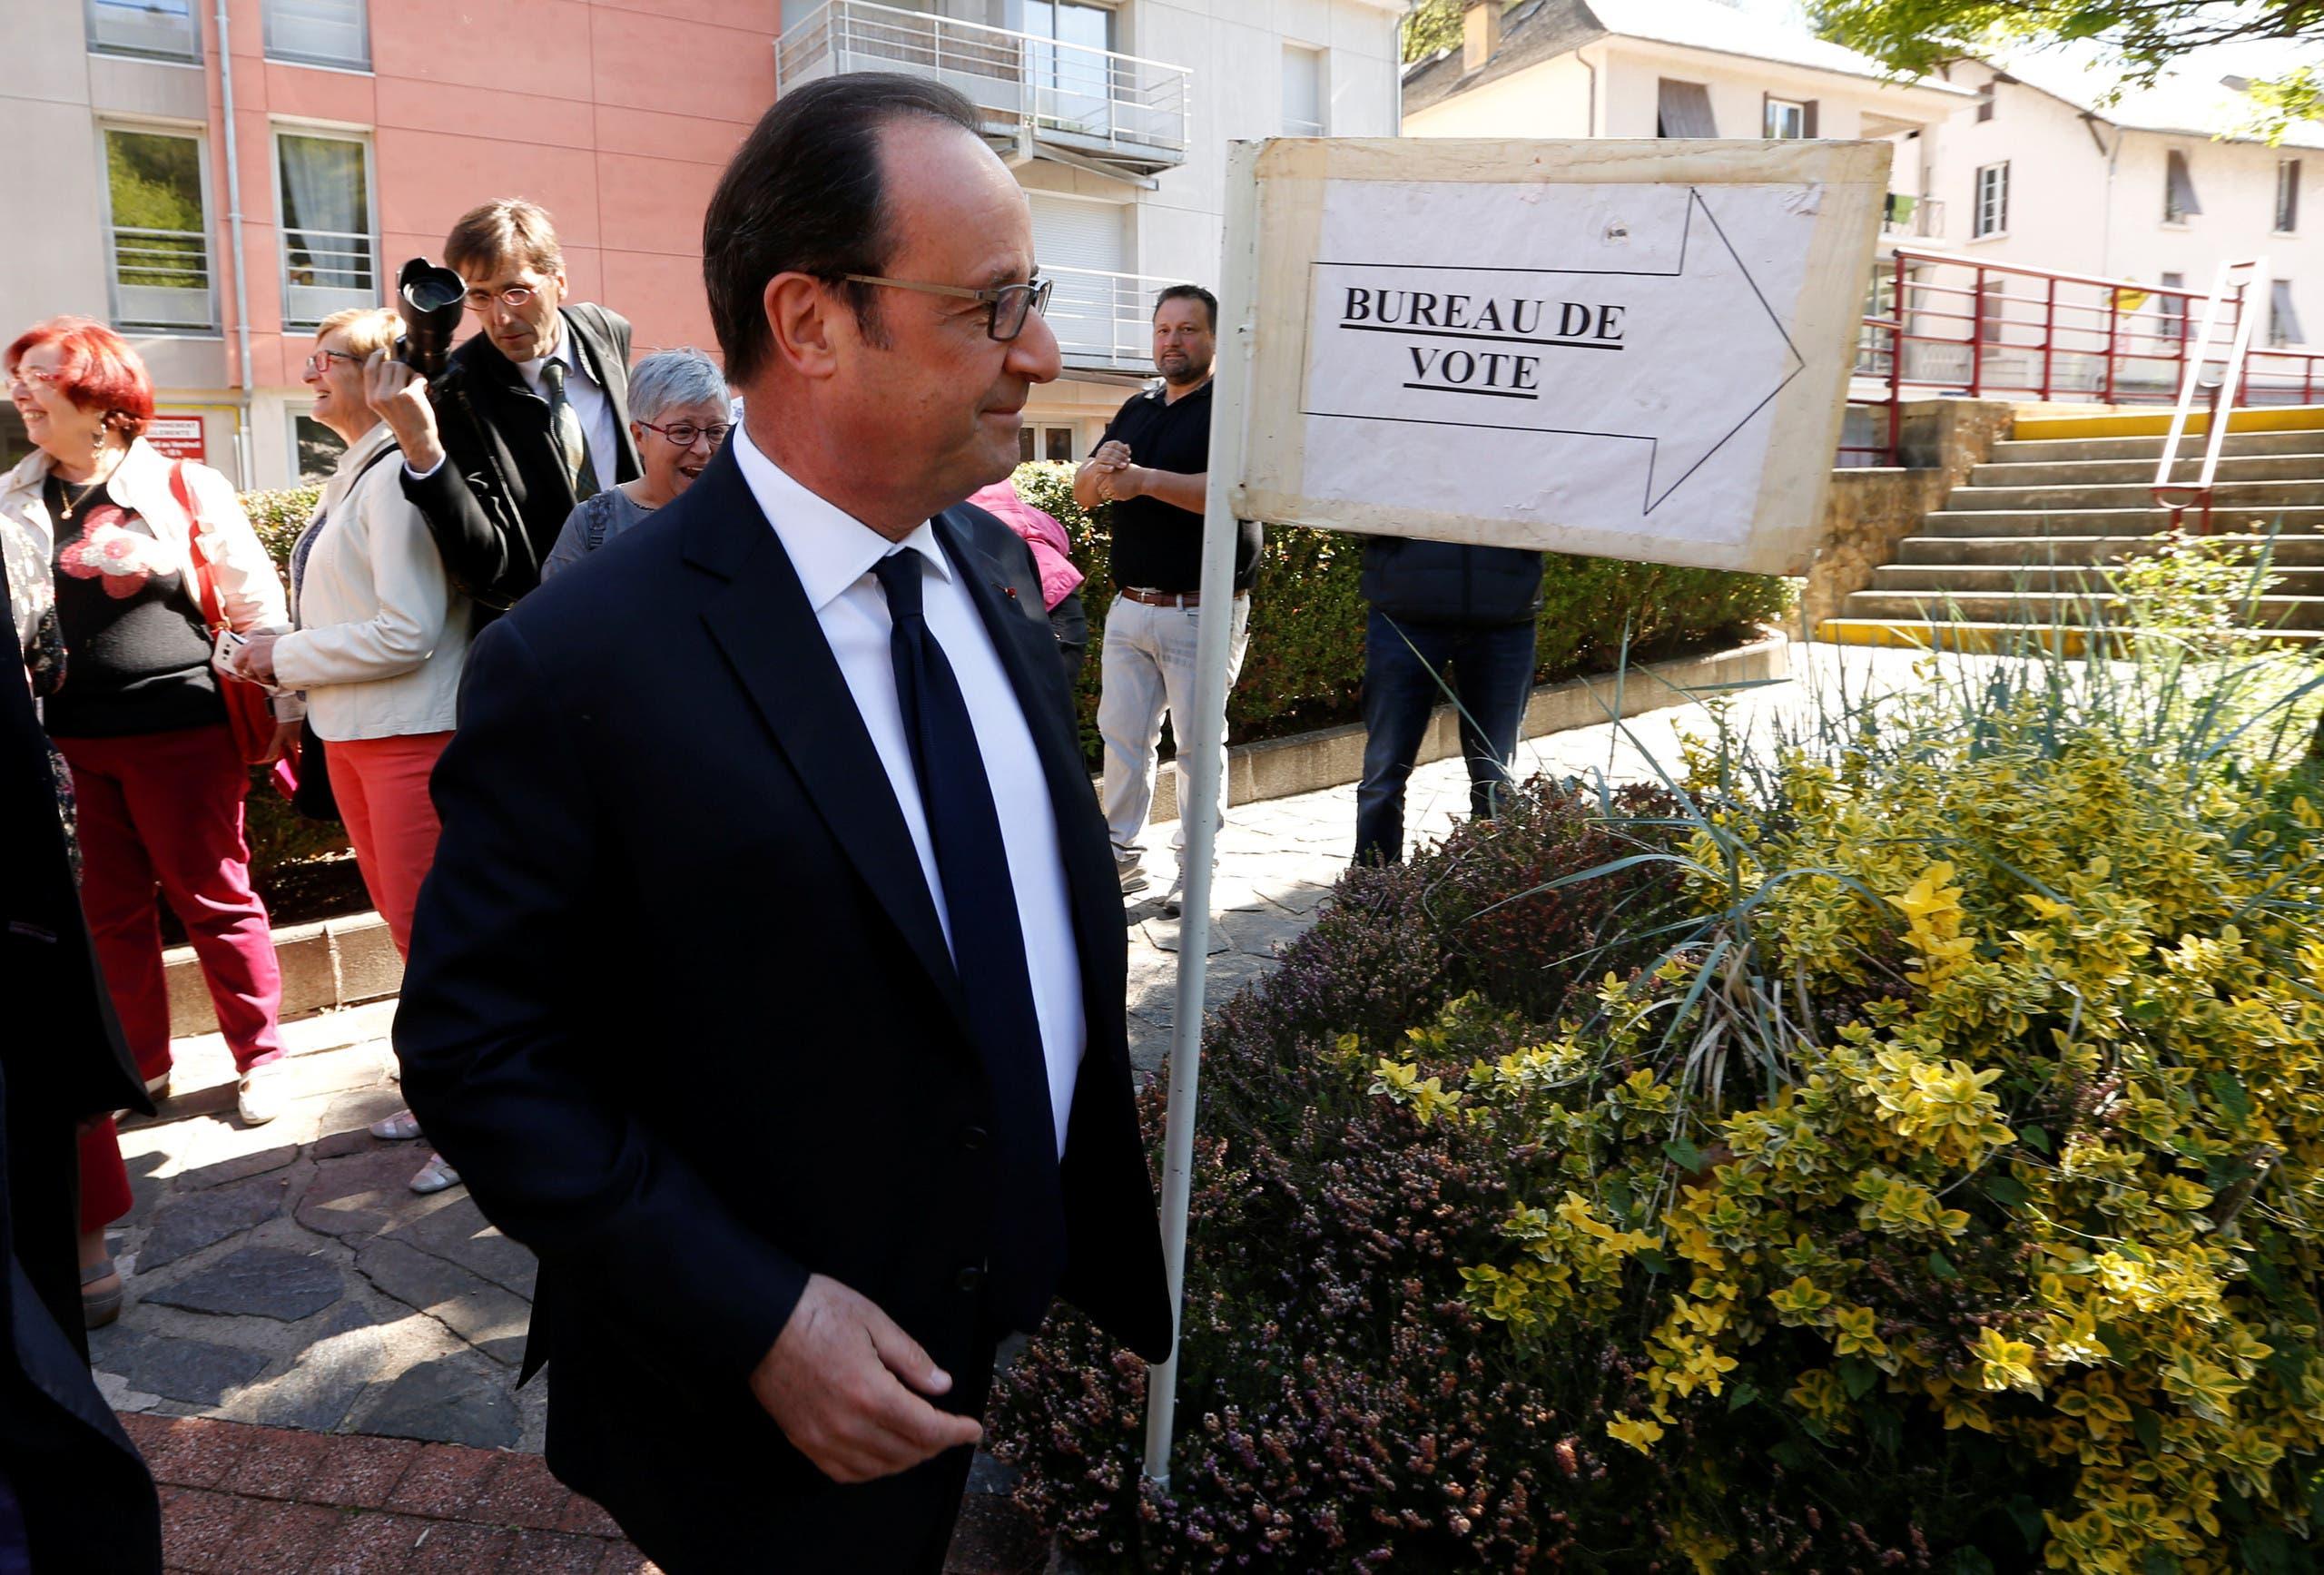 الرئيس الفرنسي يدلي بصوته